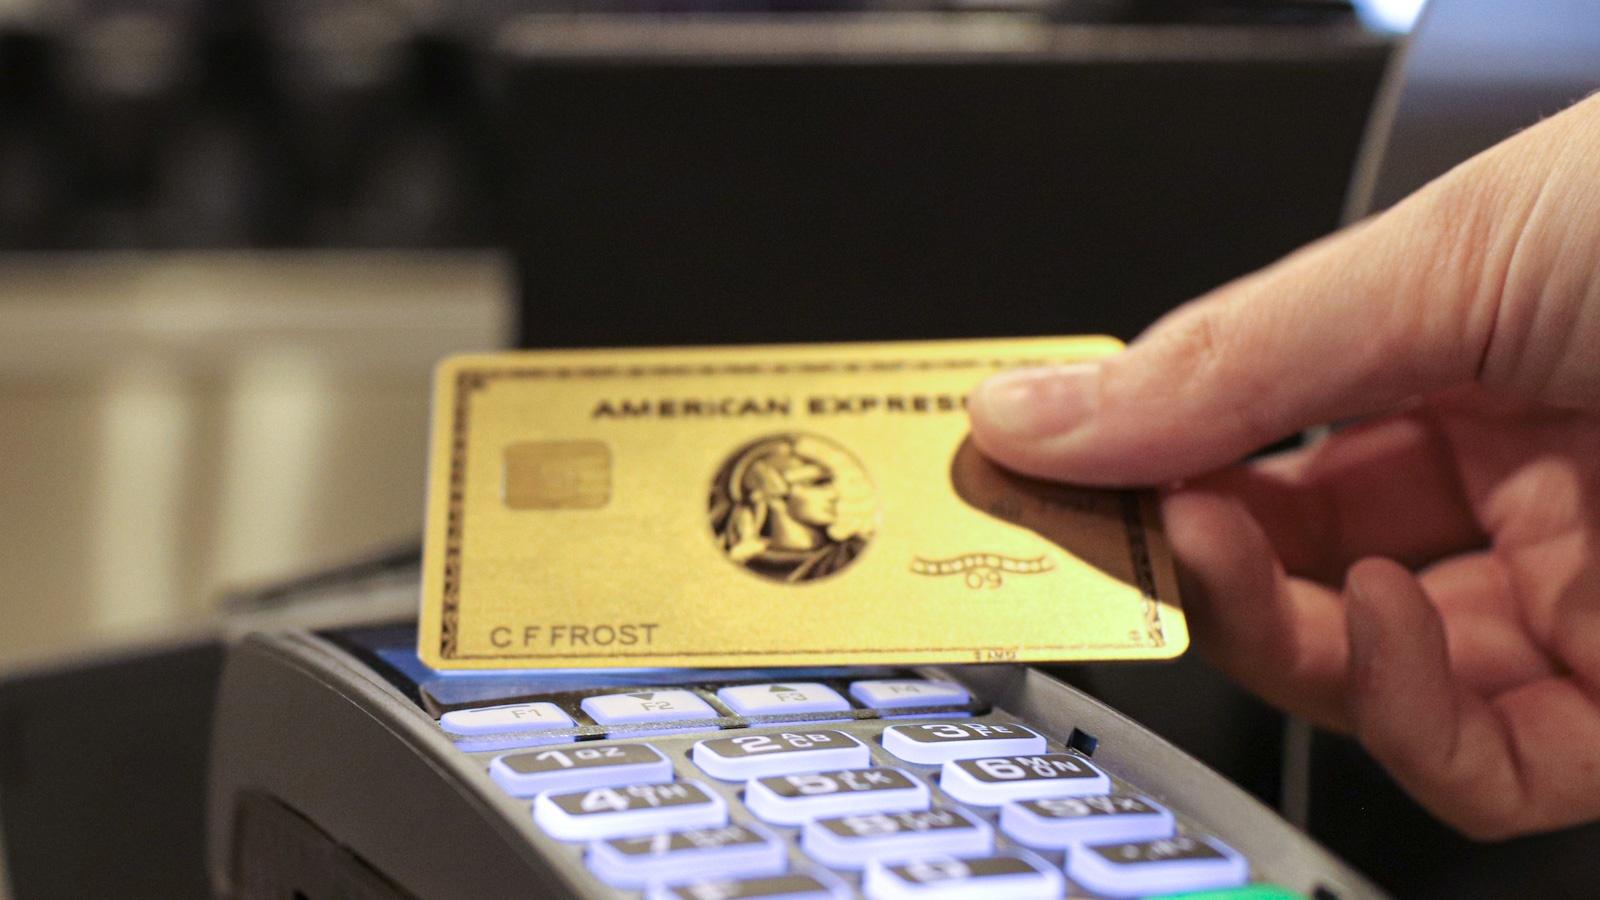 American Express Gold Card: Alle Vor- und Nachteile reisetopia